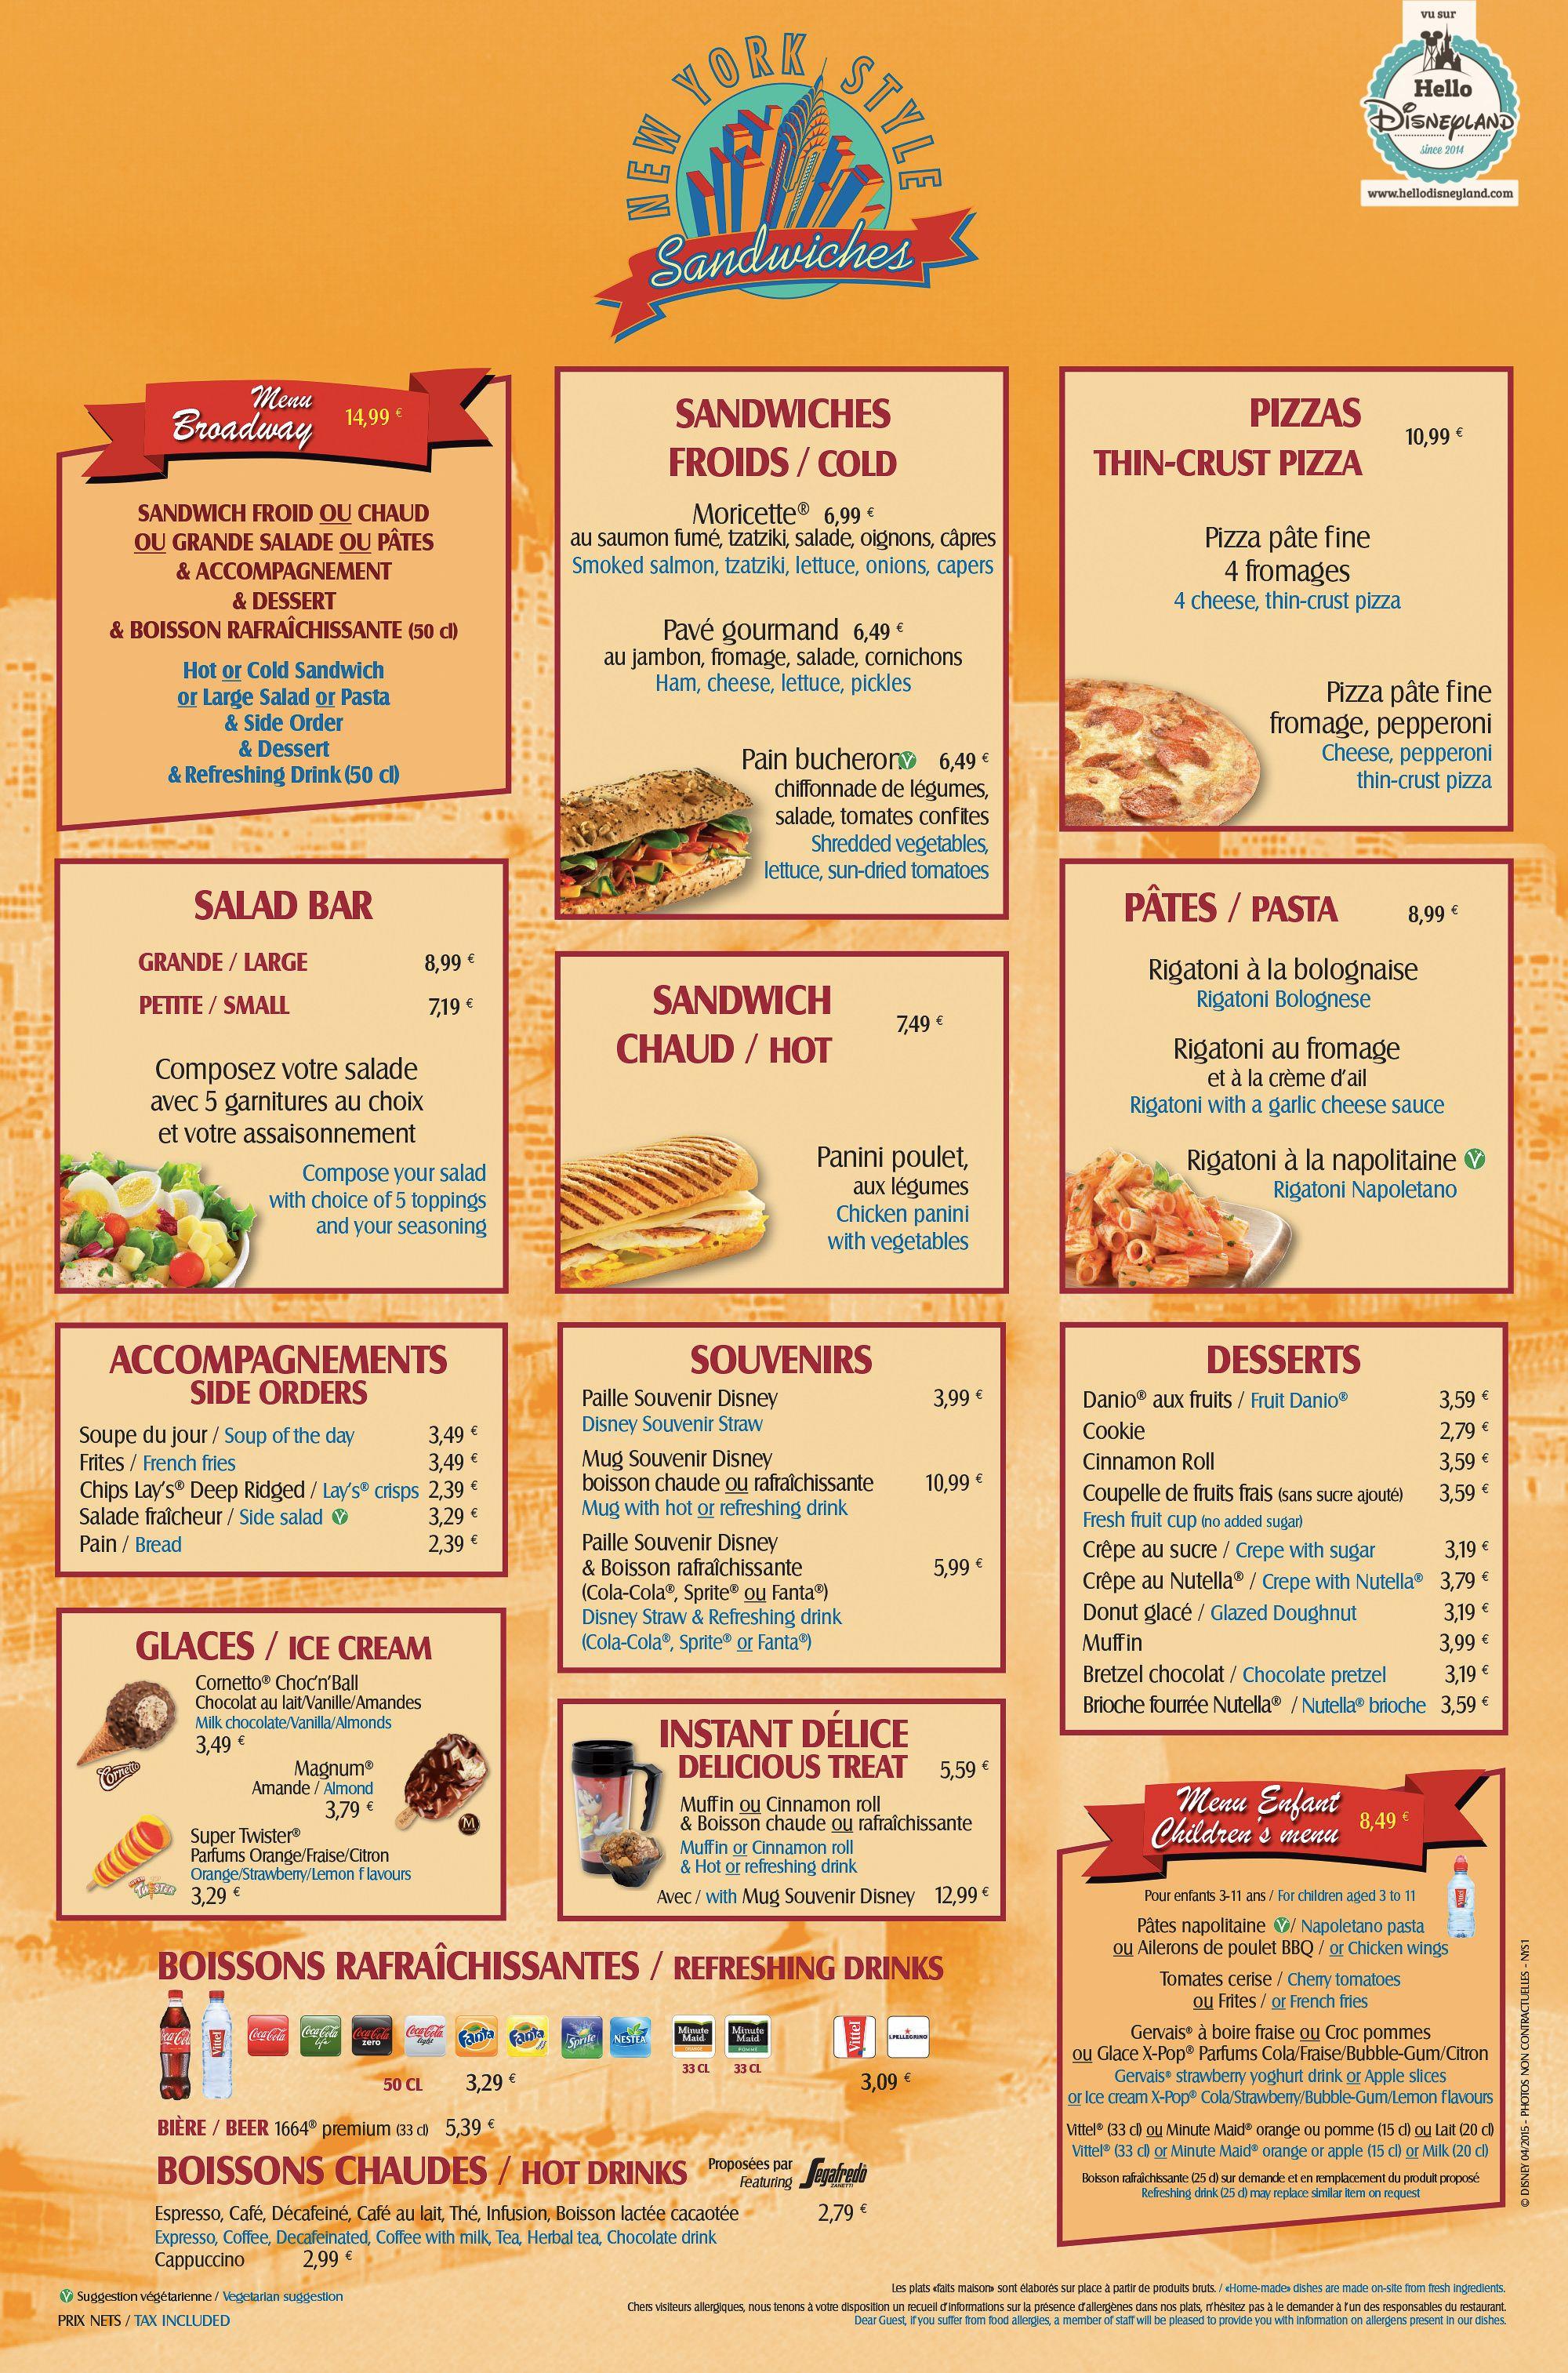 Top pizza planet Menus et cartes restaurants Disneyland Paris  RP65